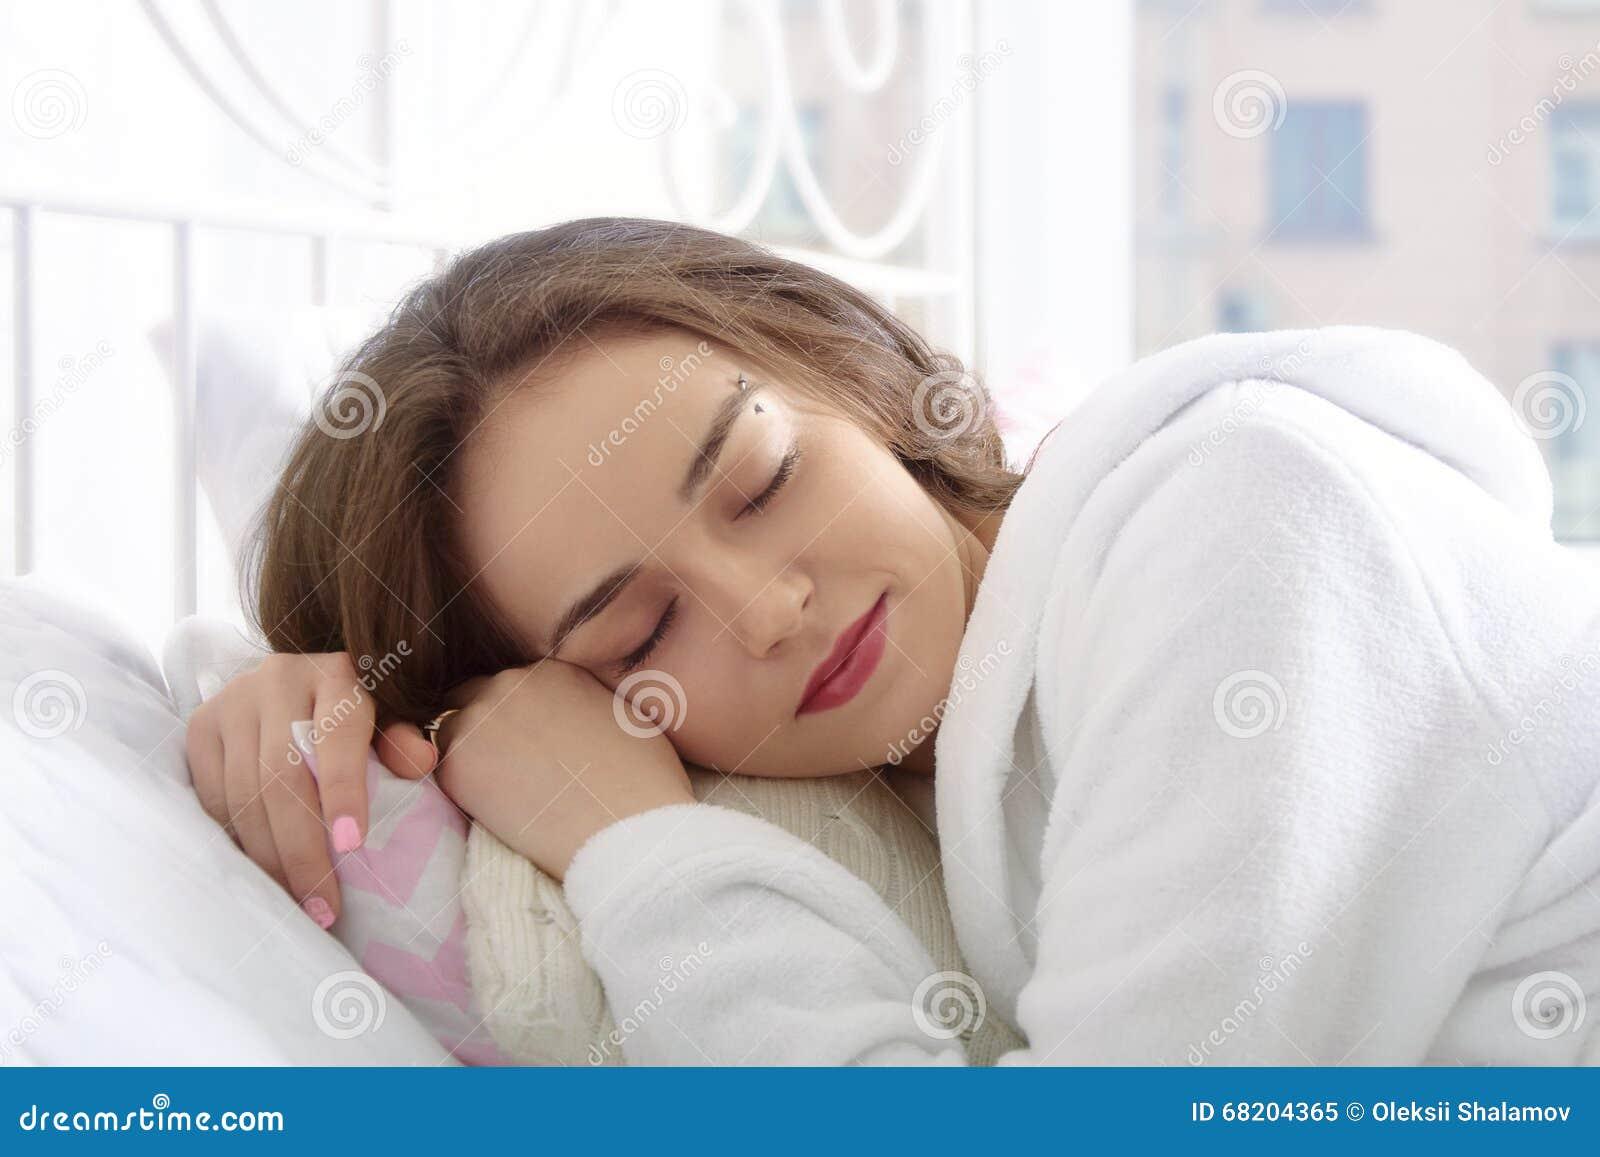 Смотреть спит в платье на кровати видео отсосала туалете порно